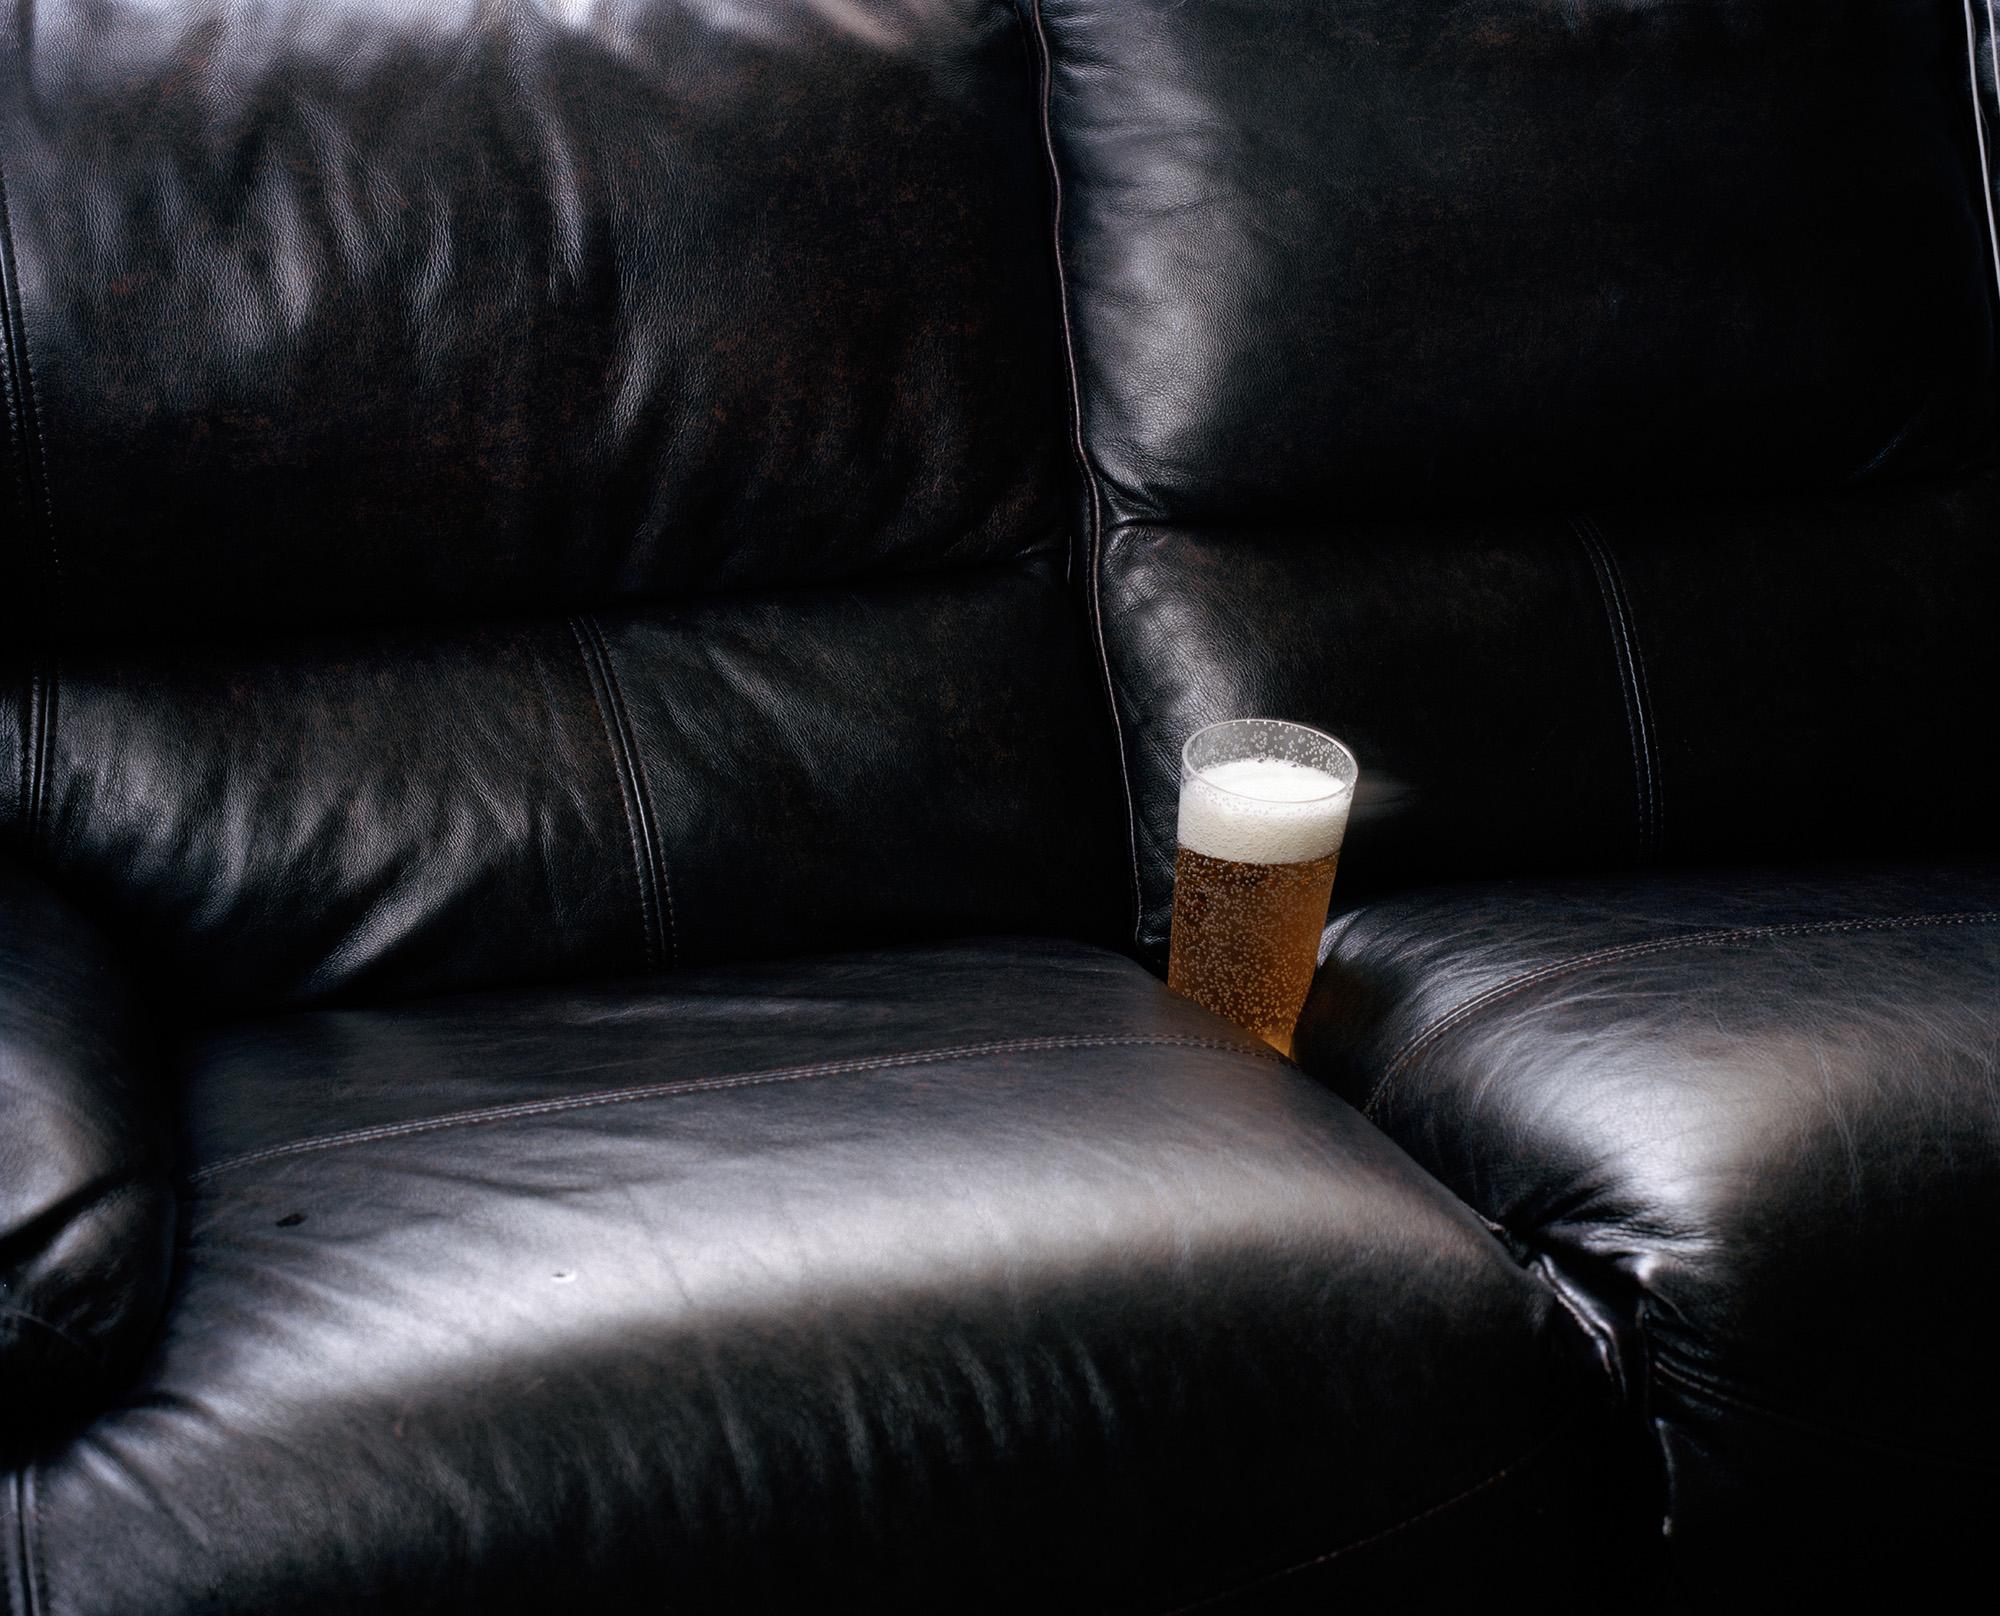 2017 sofa beer 005.jpg